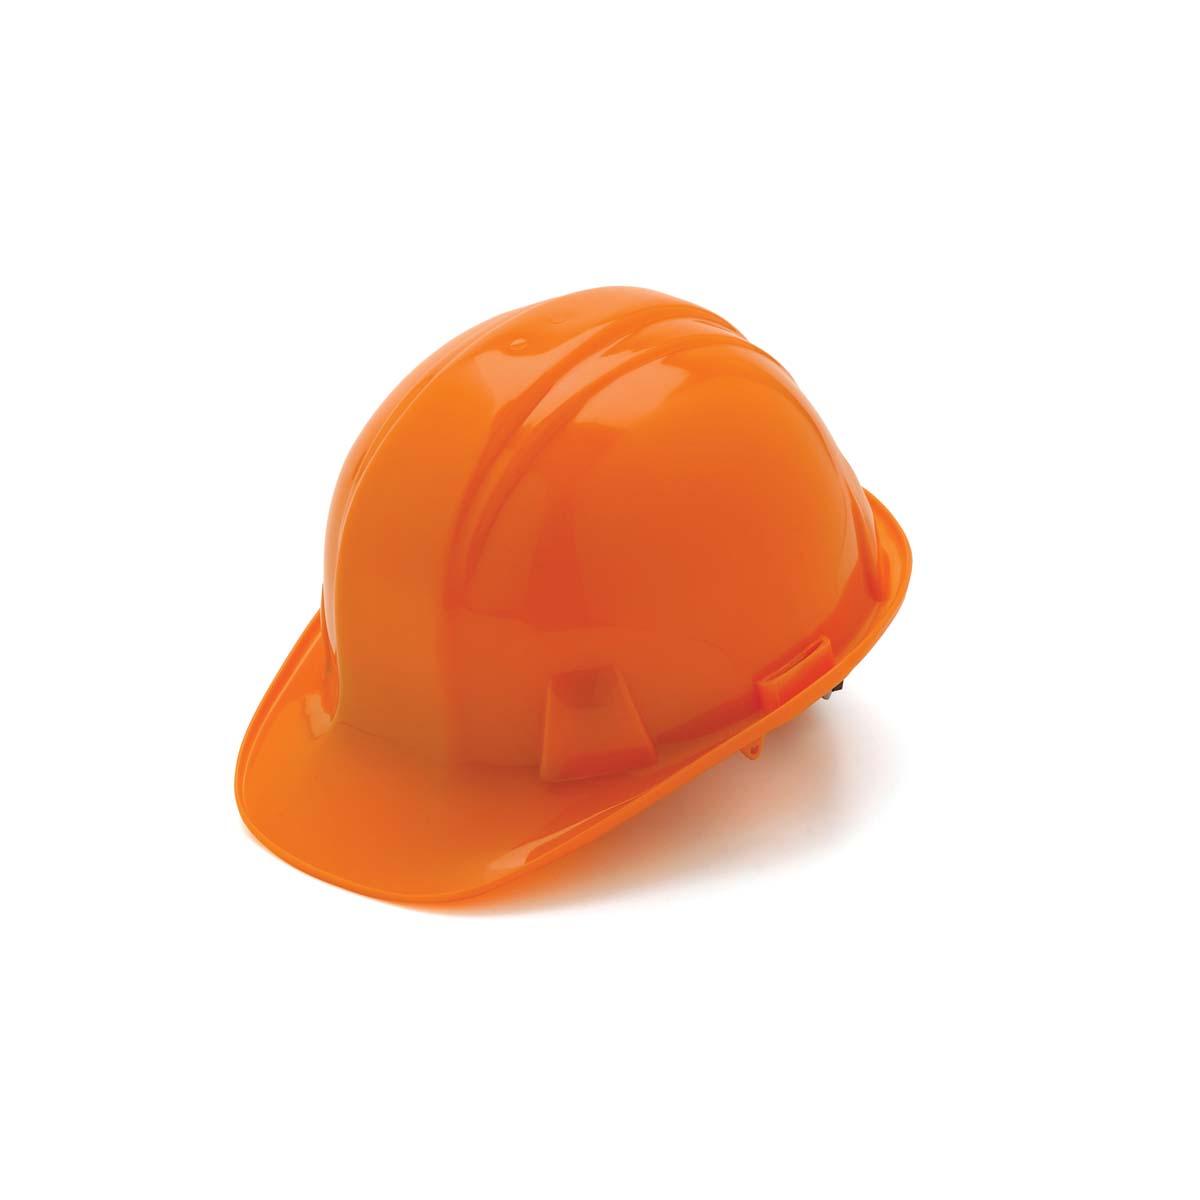 Orange-Standard Shell 4 Pt Ratchet Suspension